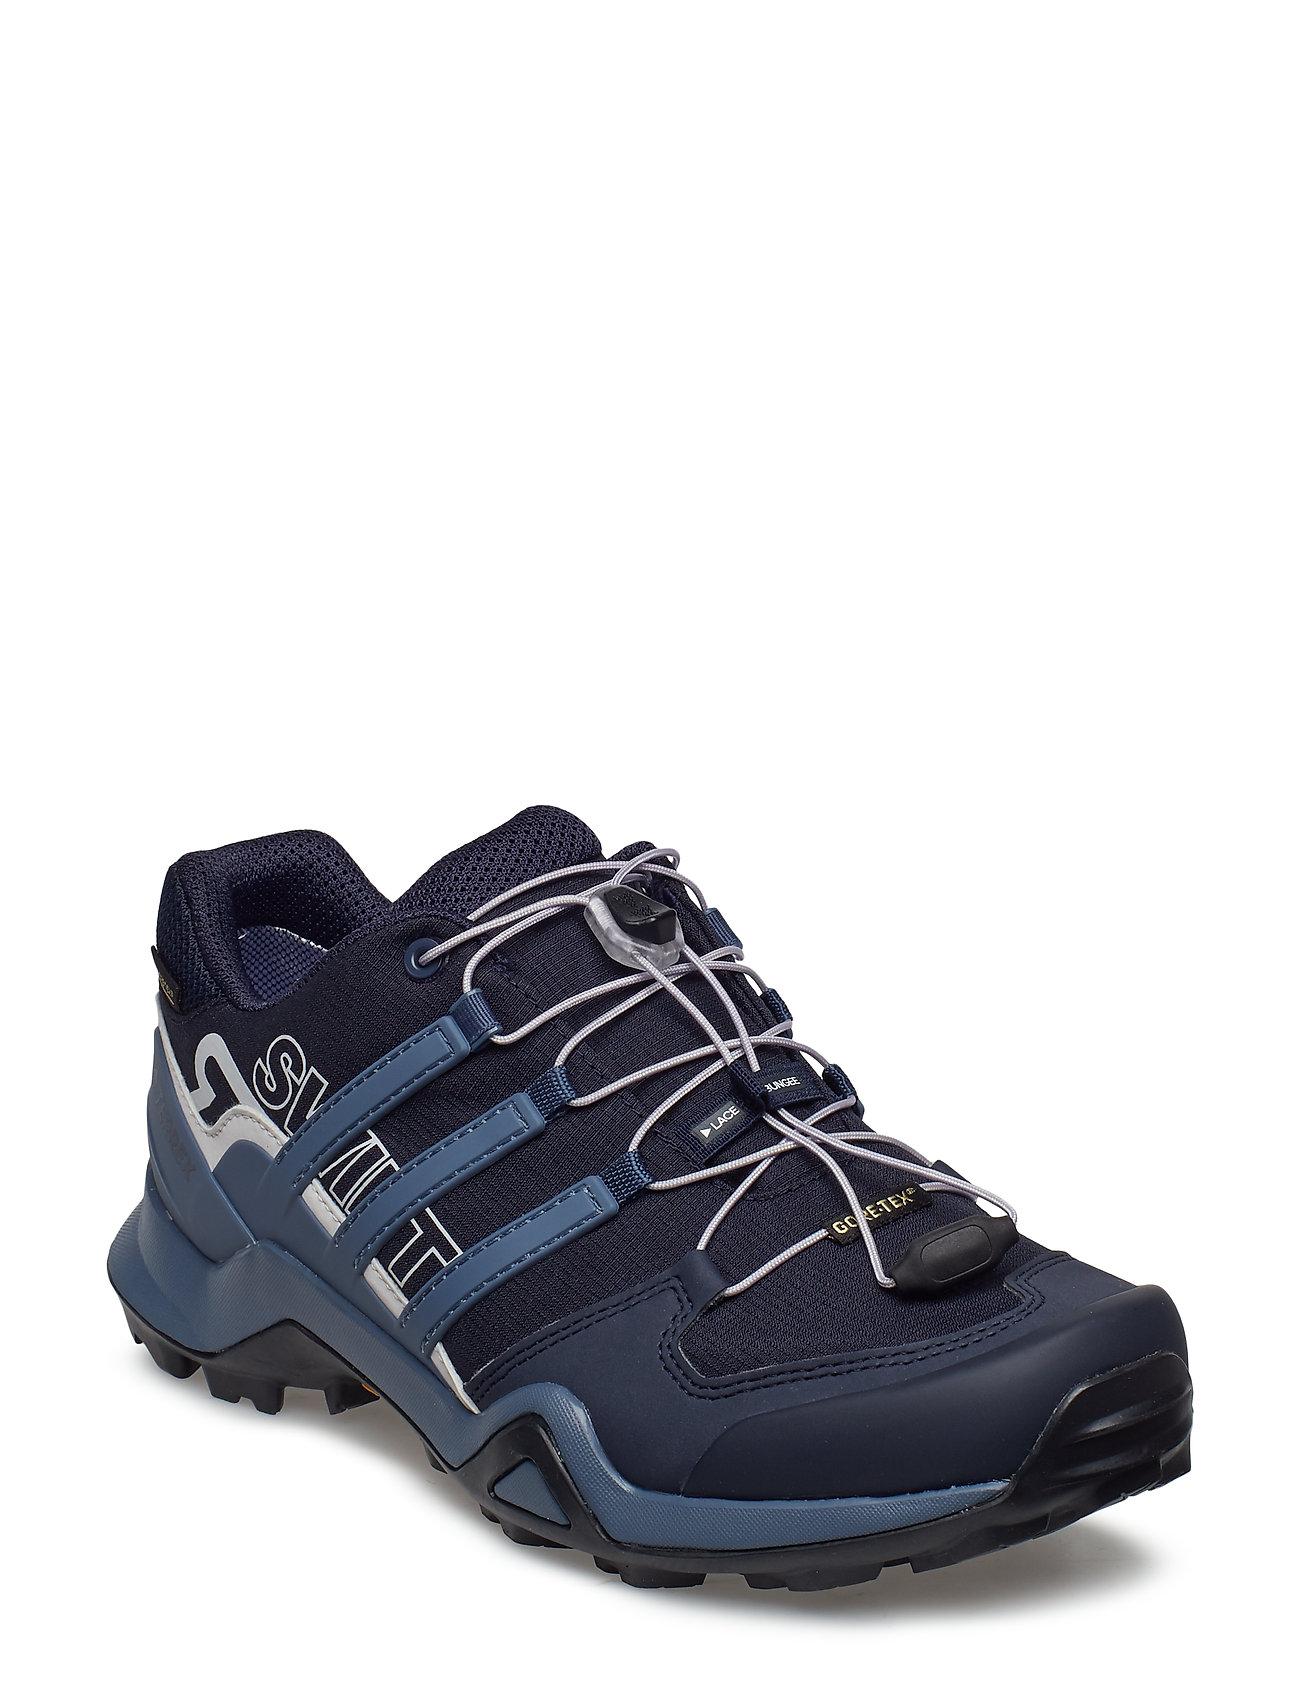 ADIDAS Terrex Swift R2 Gtx W Stiefel Halbstiefel Blau ADIDAS